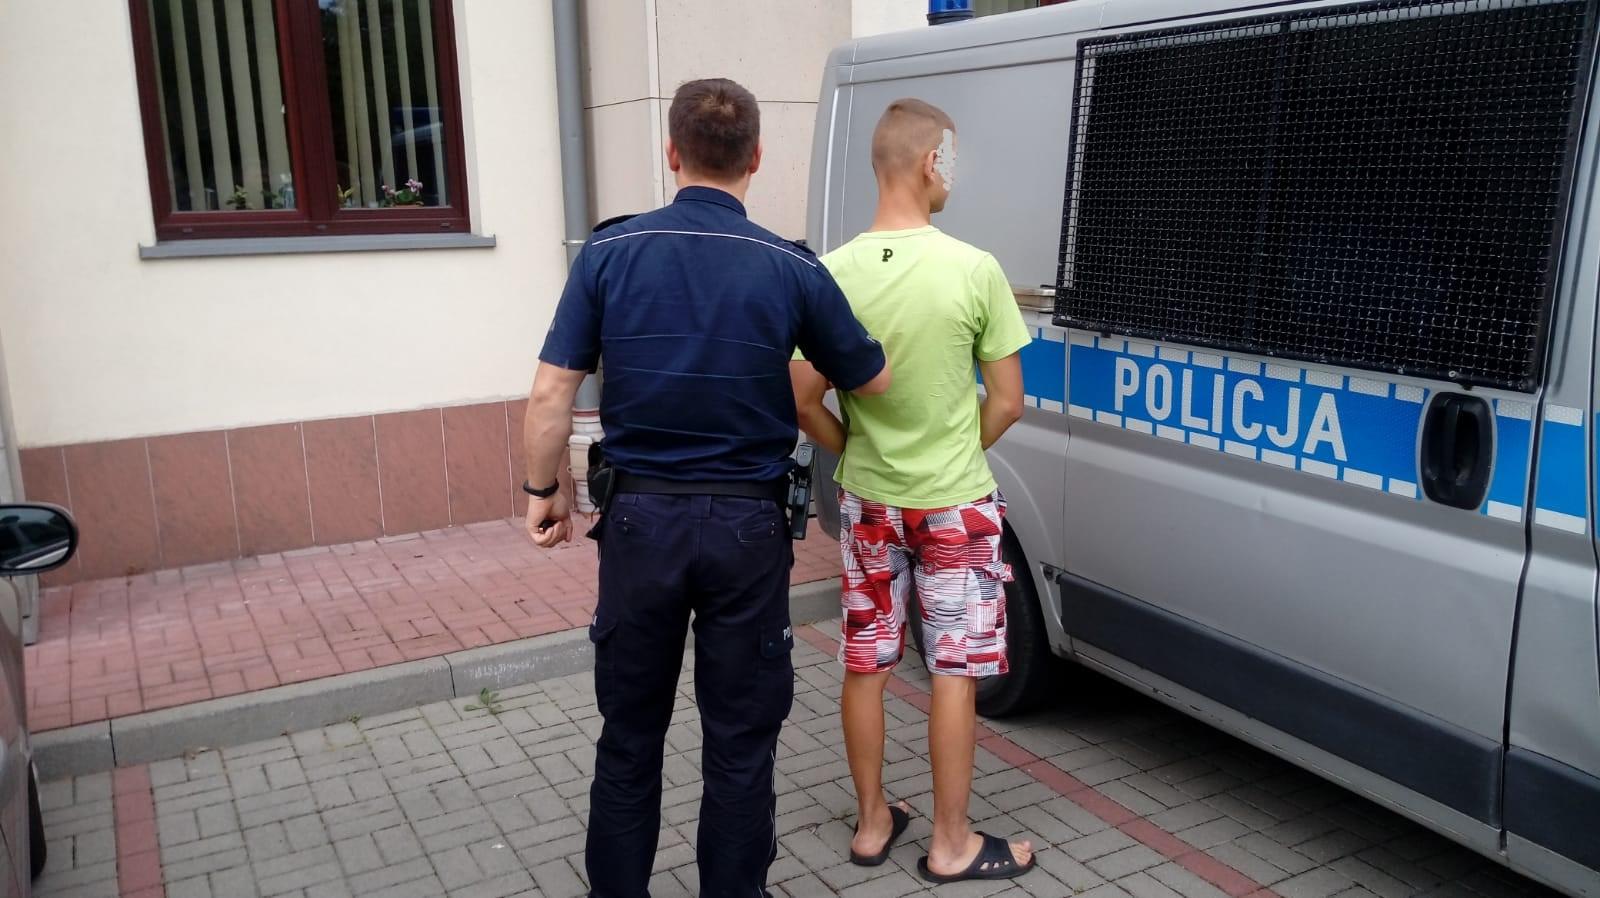 Photo of Rozbój w gminie Aleksandrów. Dwóch mężczyzn z prokuratorskimi zarzutami